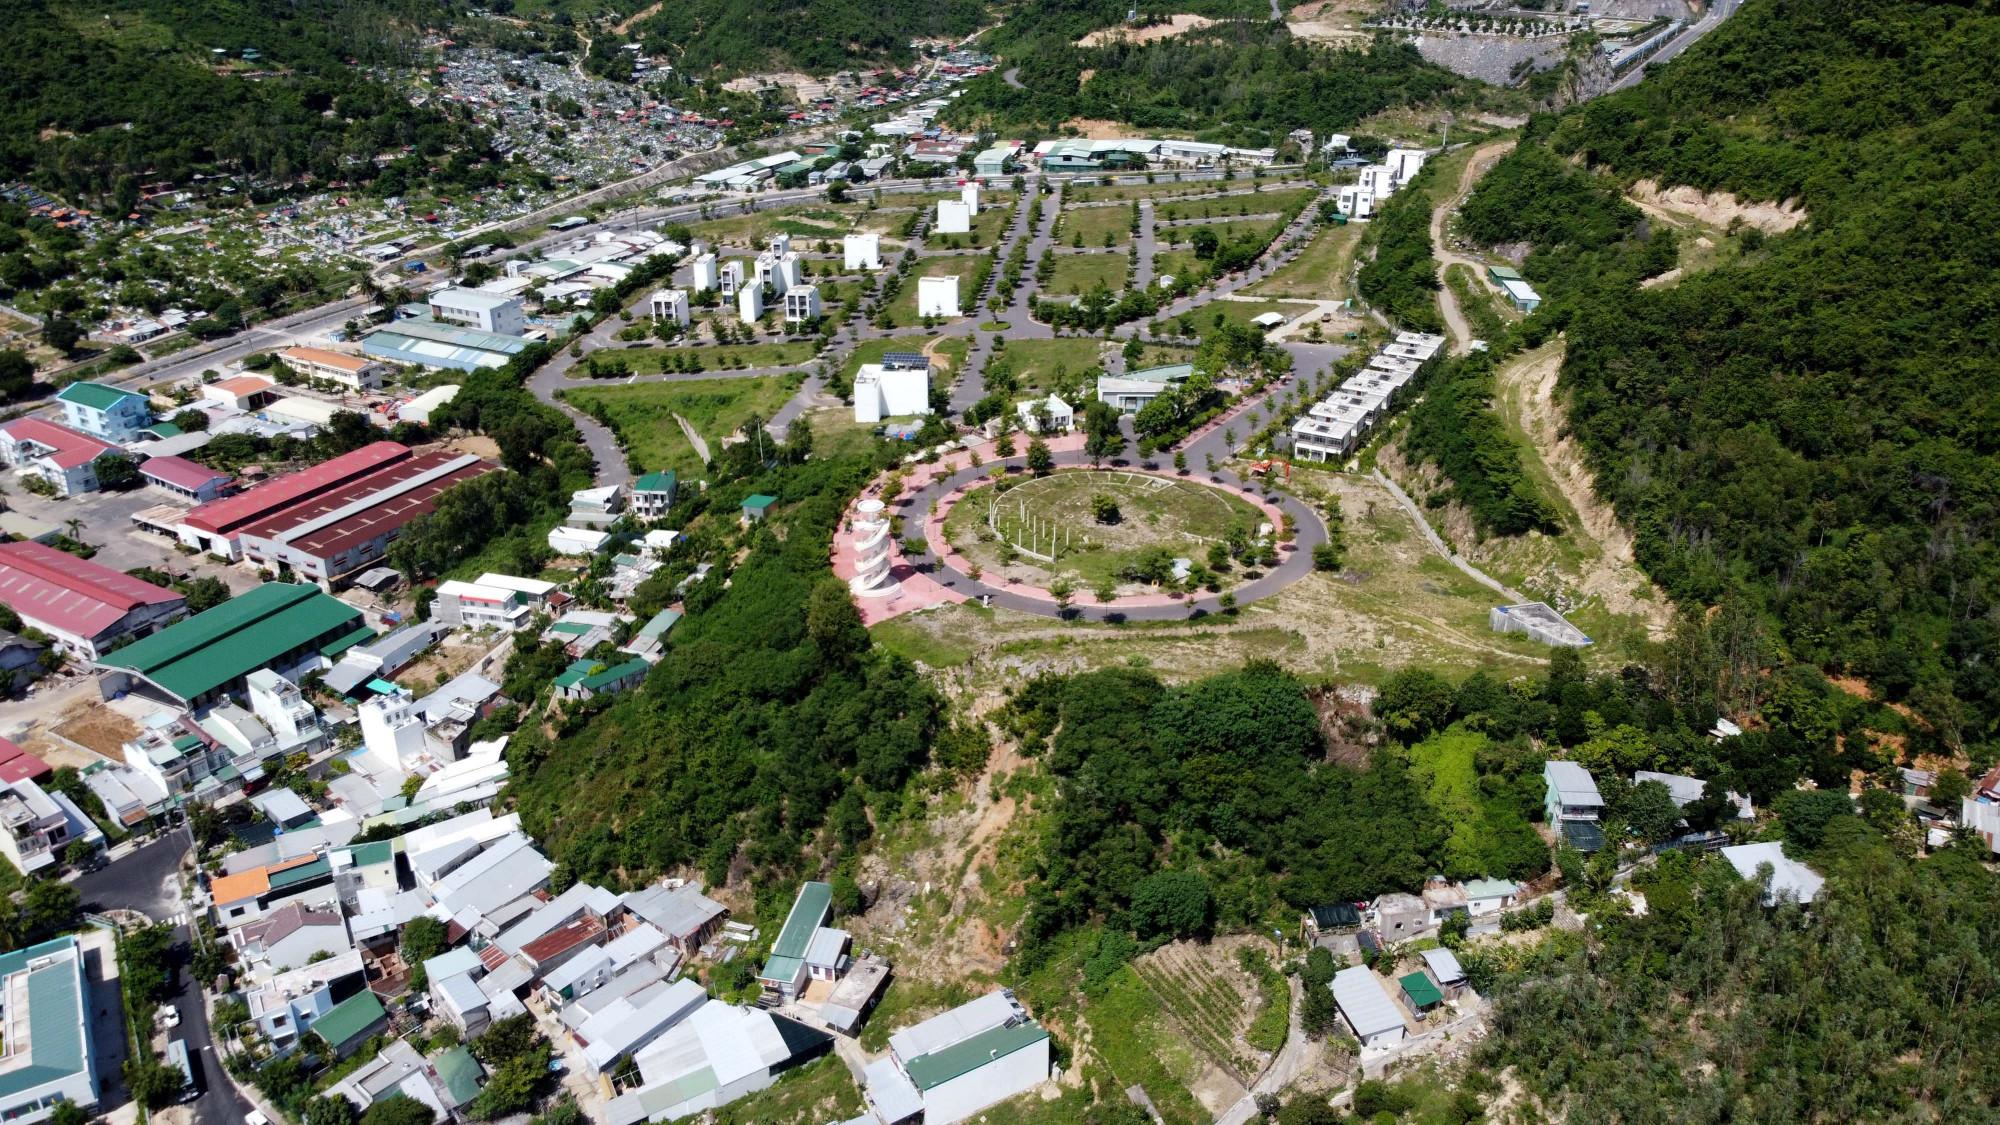 Dự án Khu nhà ở cao cấp Hoàng Phú là một trong 9 dự án liên quan trong Kết luận Thanh tra Chính phủ phải xác định lại giá đất